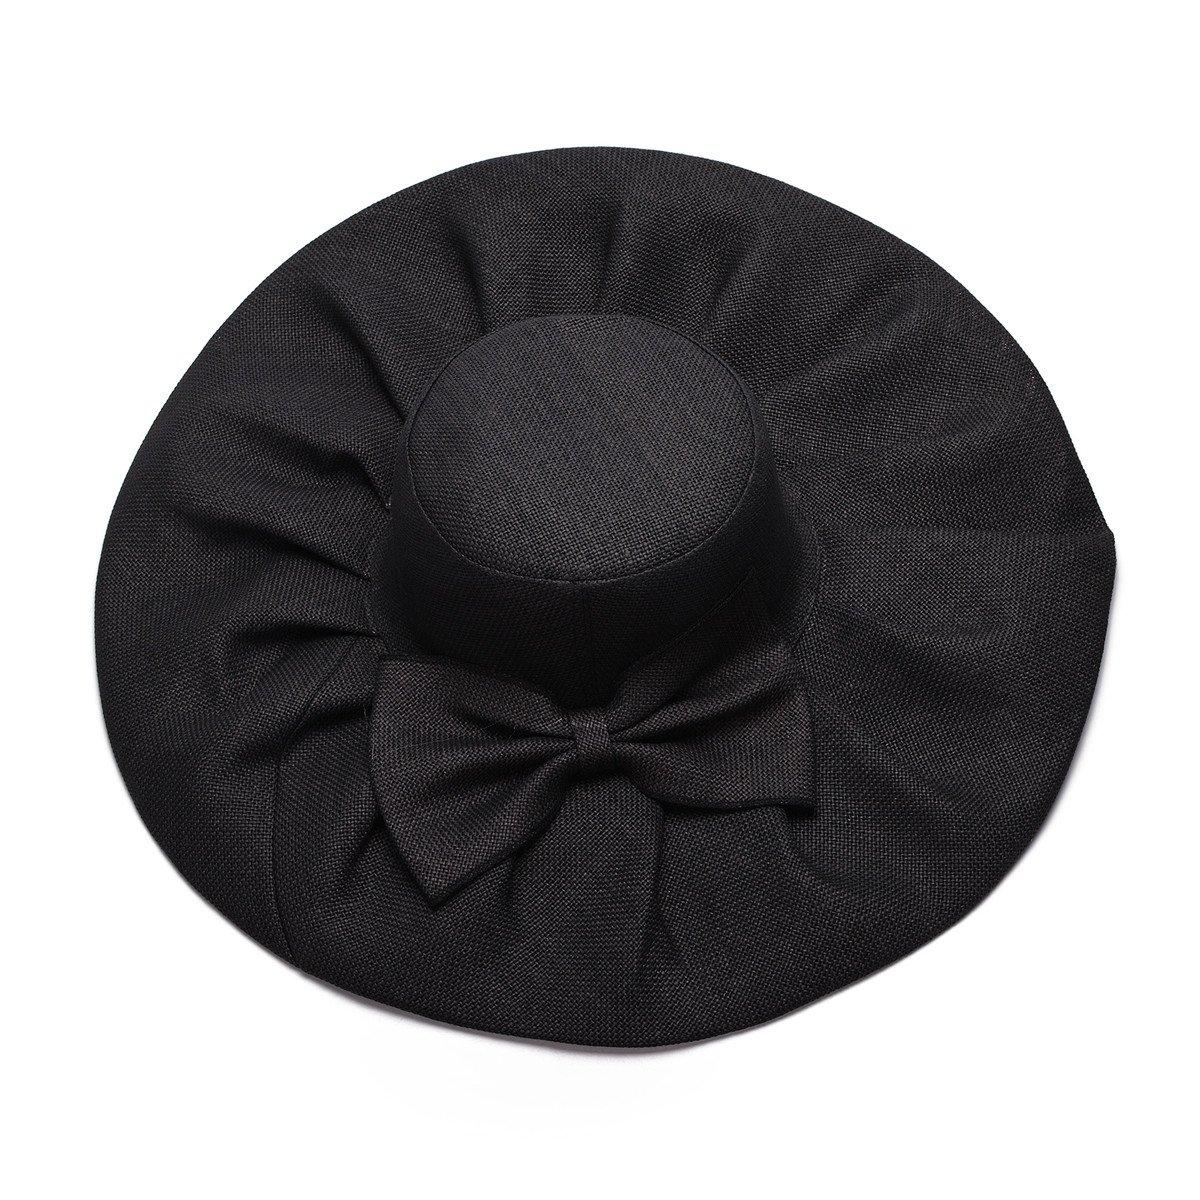 Linen Summer Womens Kentucky Derby Wide Brim Sun Hat Wedding Church Sea Beach A047 (Black)